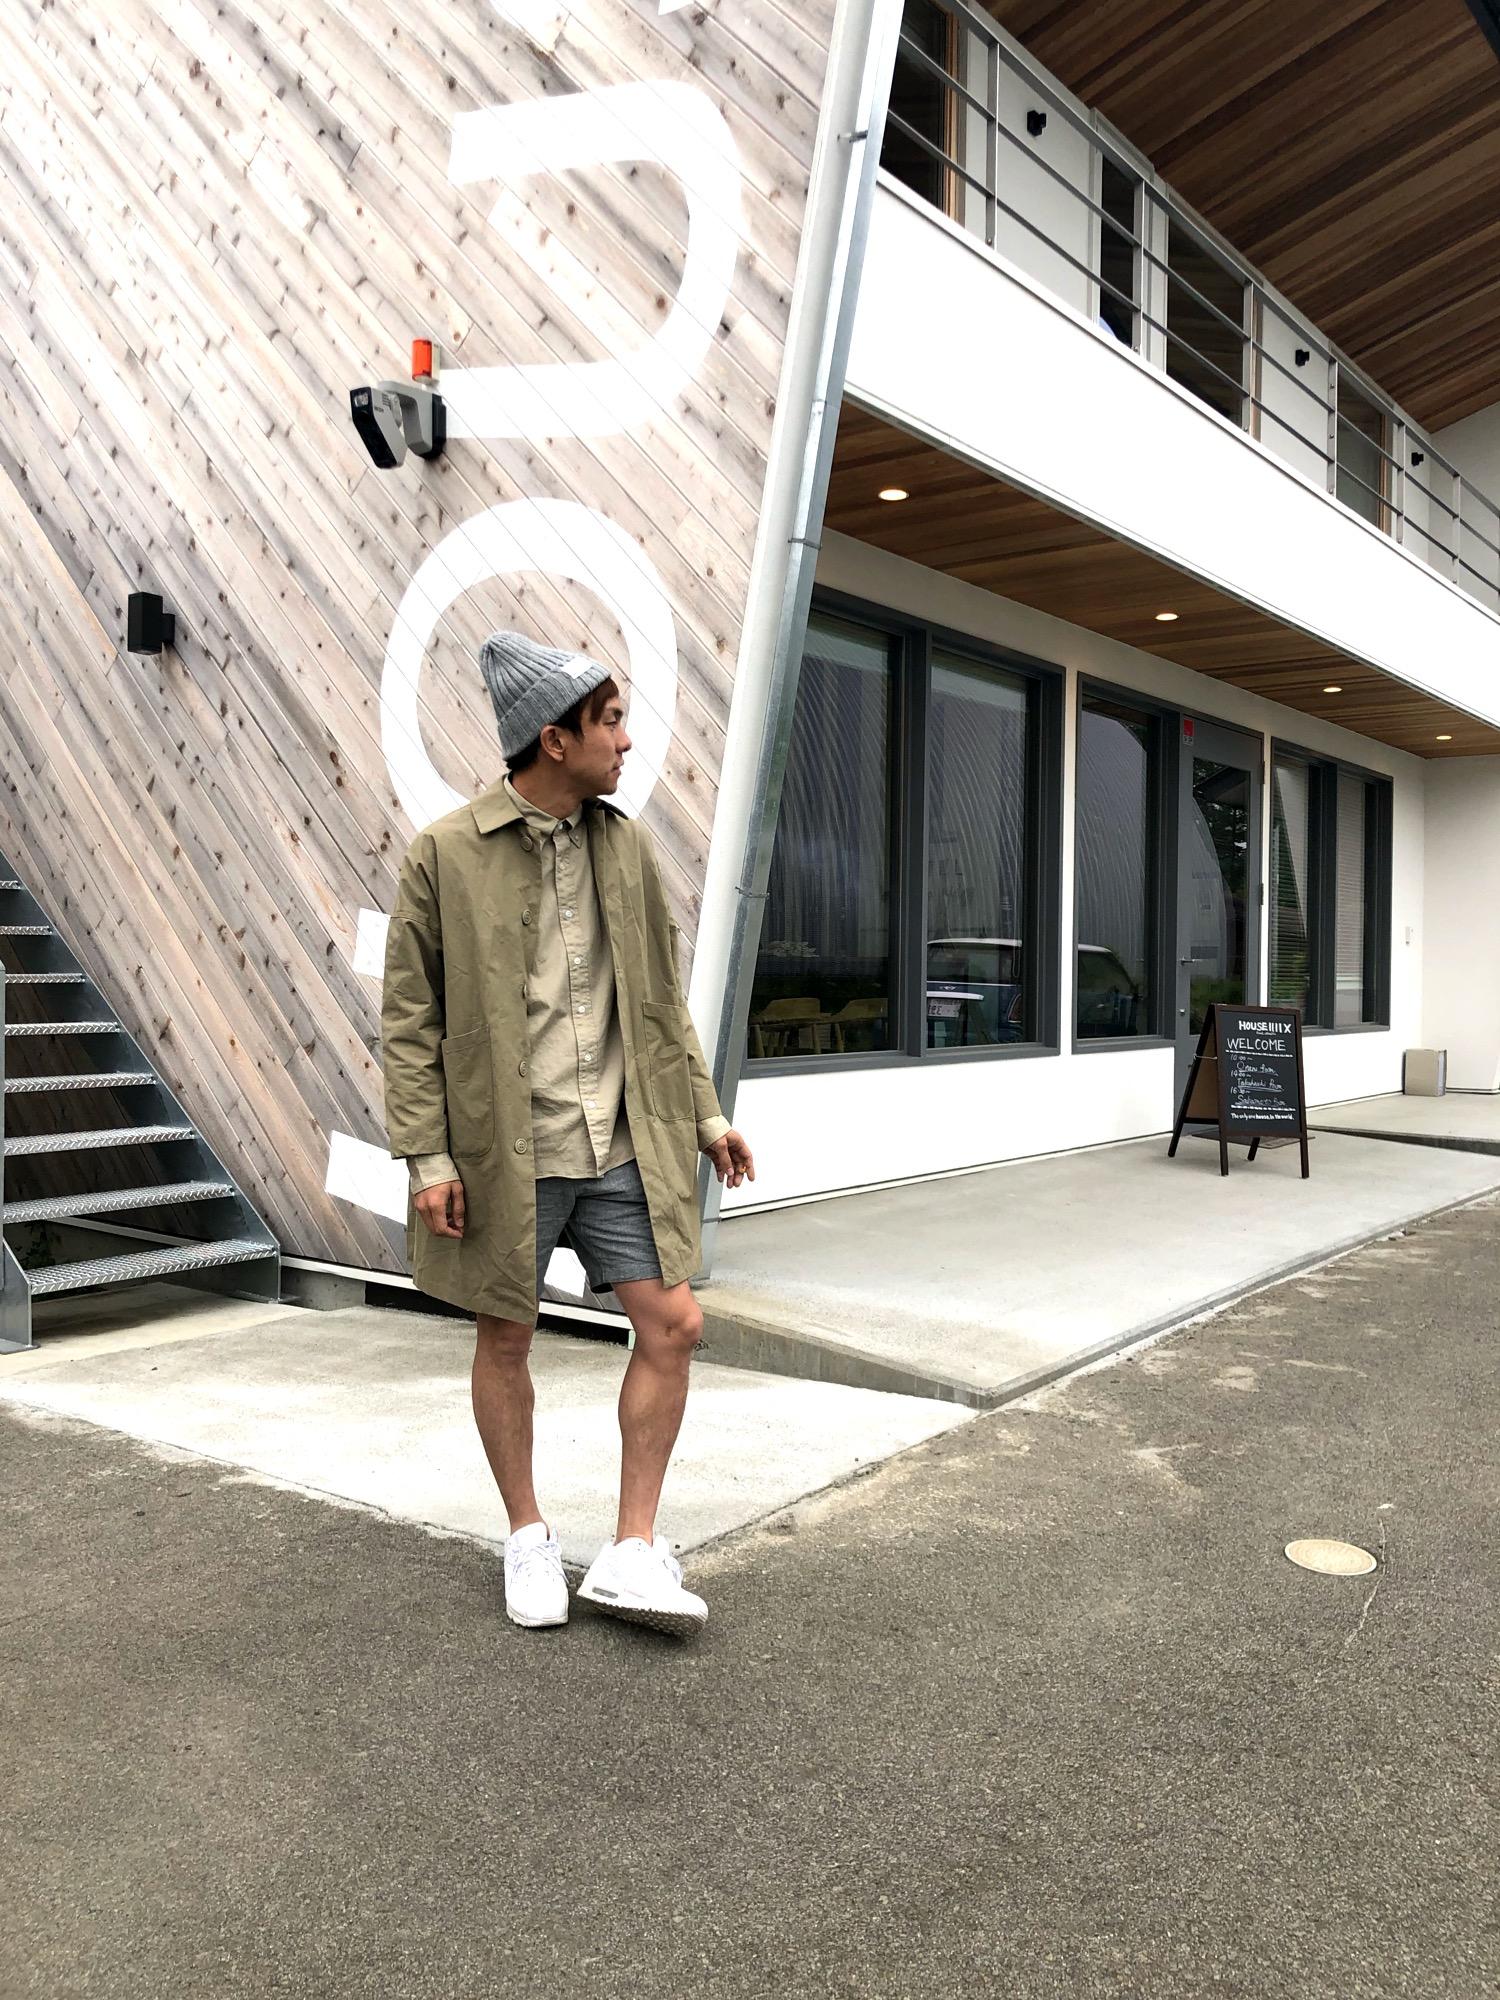 山梨県の工務店、未来建築工房とつくる注文住宅。|ややイケメンファッション